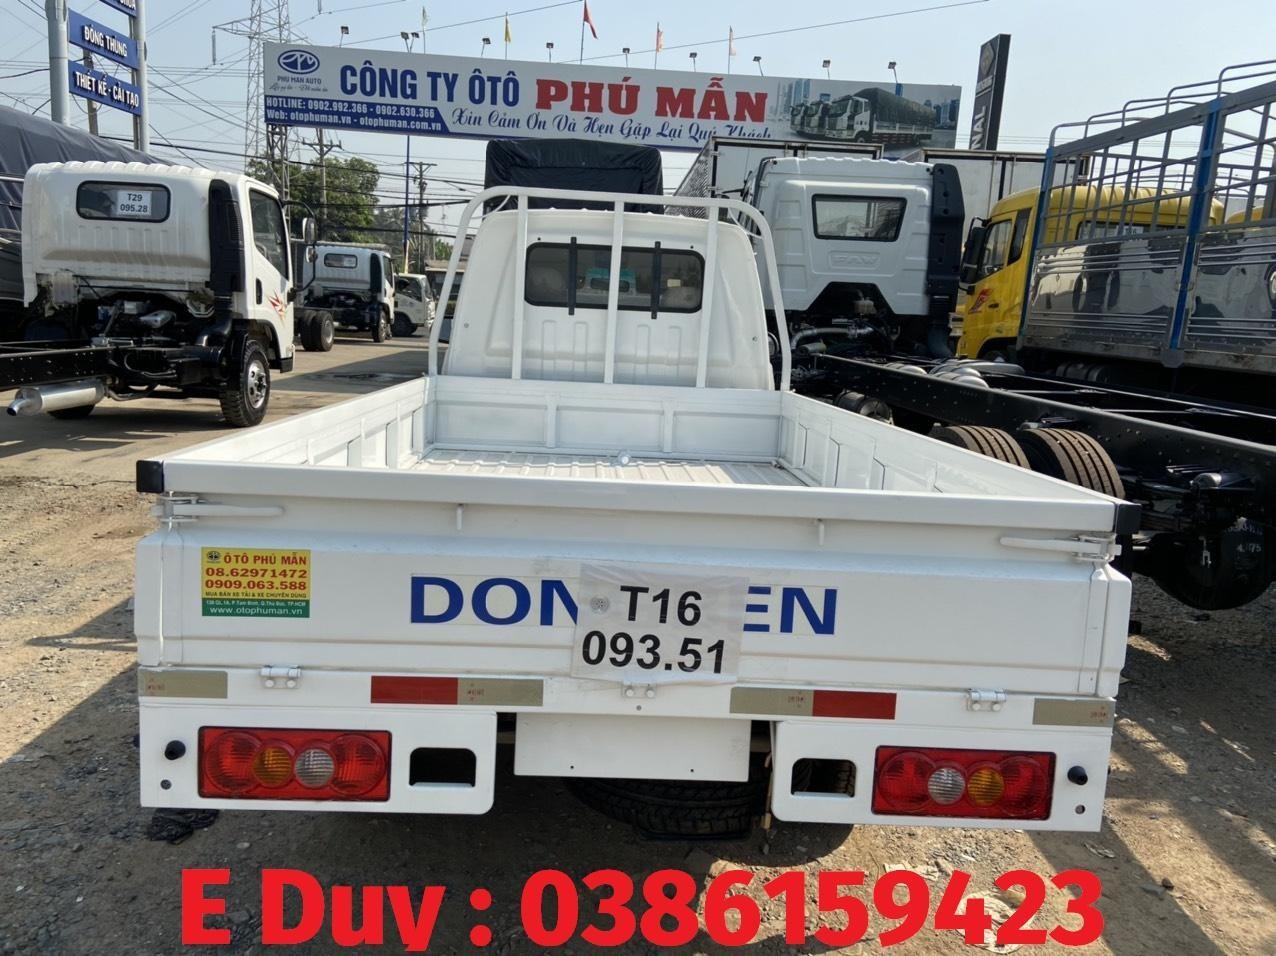 Bán DB T30 lửng 2m9, giá rẻ - cọc 100tr giao xe tận buồng